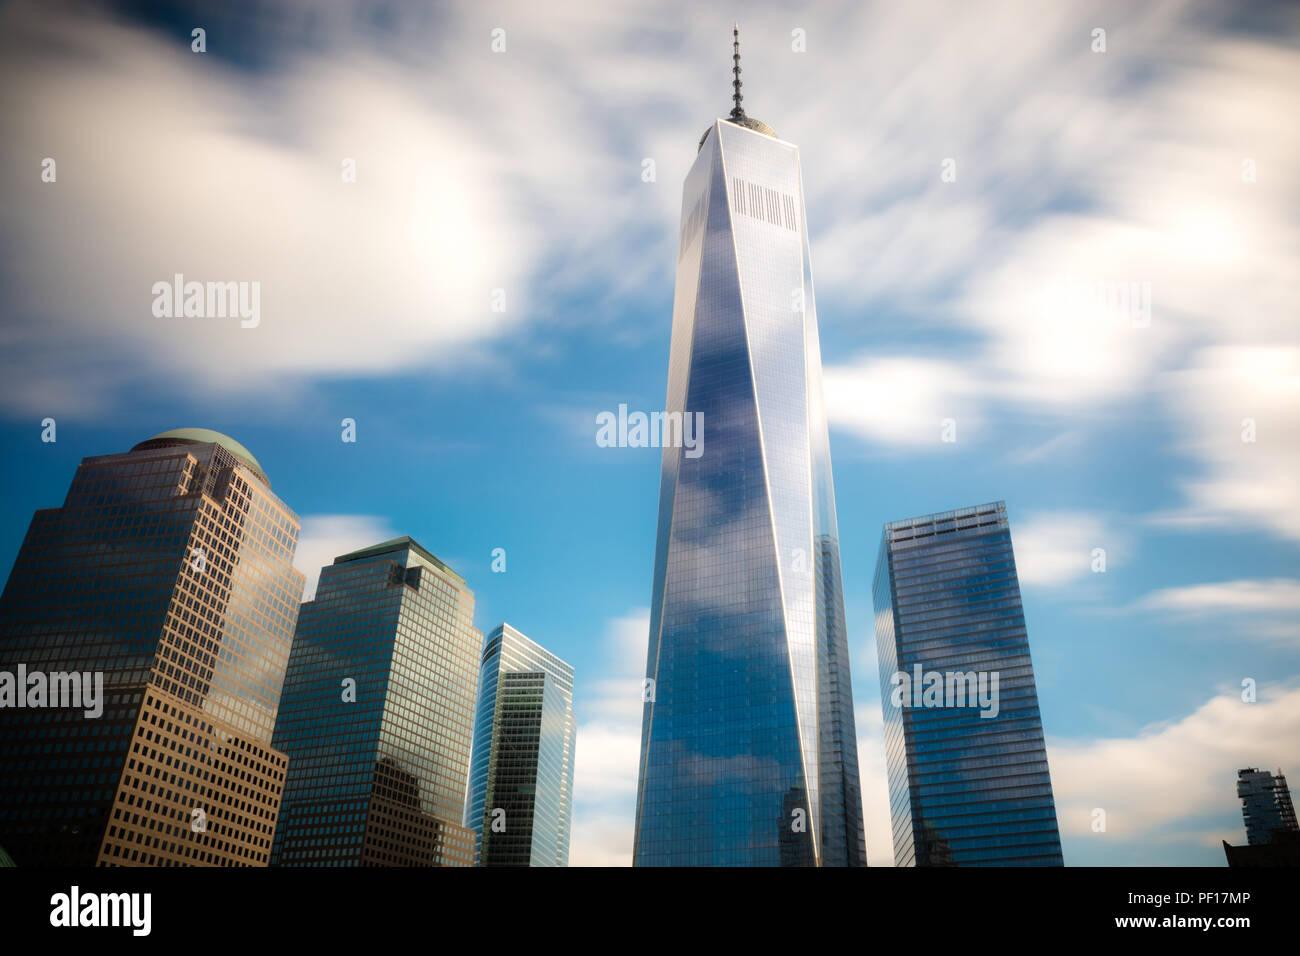 Sich schnell bewegende Wolken über einem WTC und das Denkmal 9/11 in Lower Manhattan, New York City. Stockbild